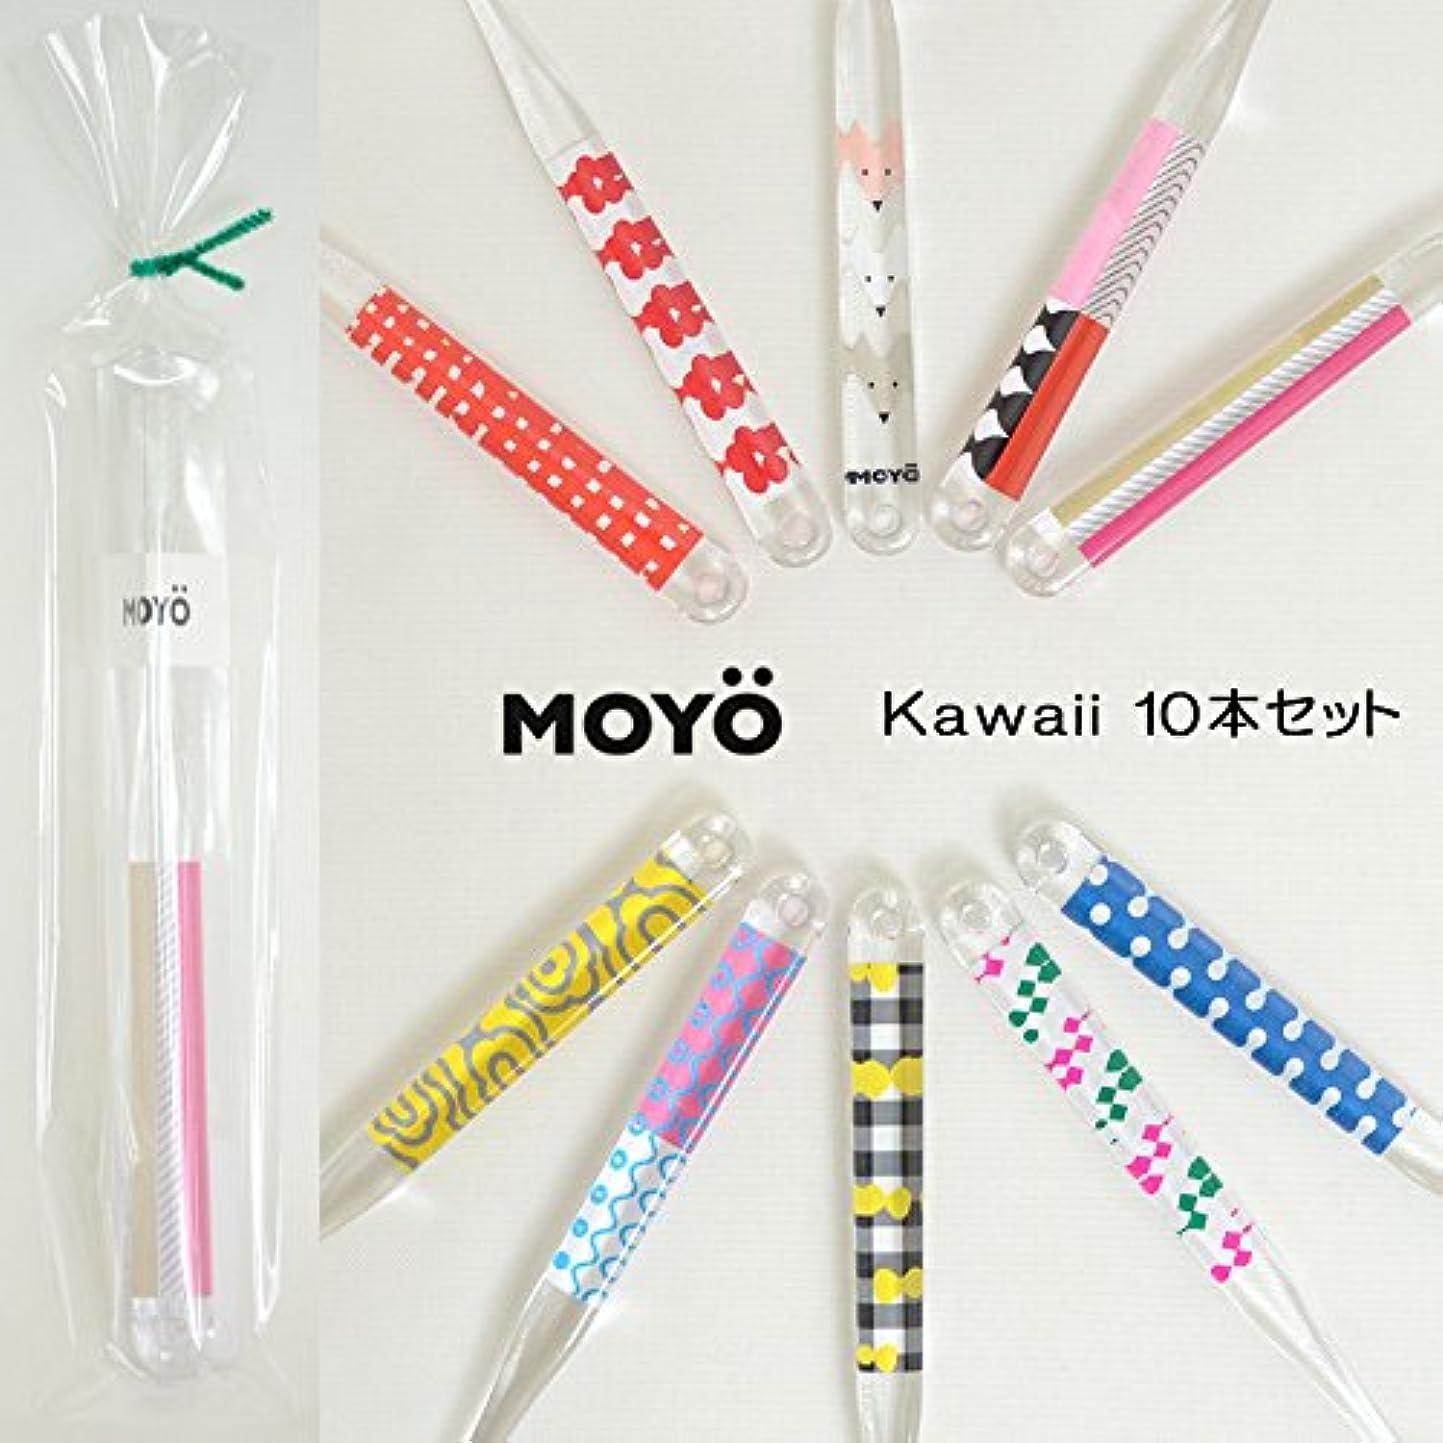 スマイル石炭データベースMOYO モヨウ kawaii10本 プチ ギフト セット_562302-kawaii2 【F】,kawaii10本セット